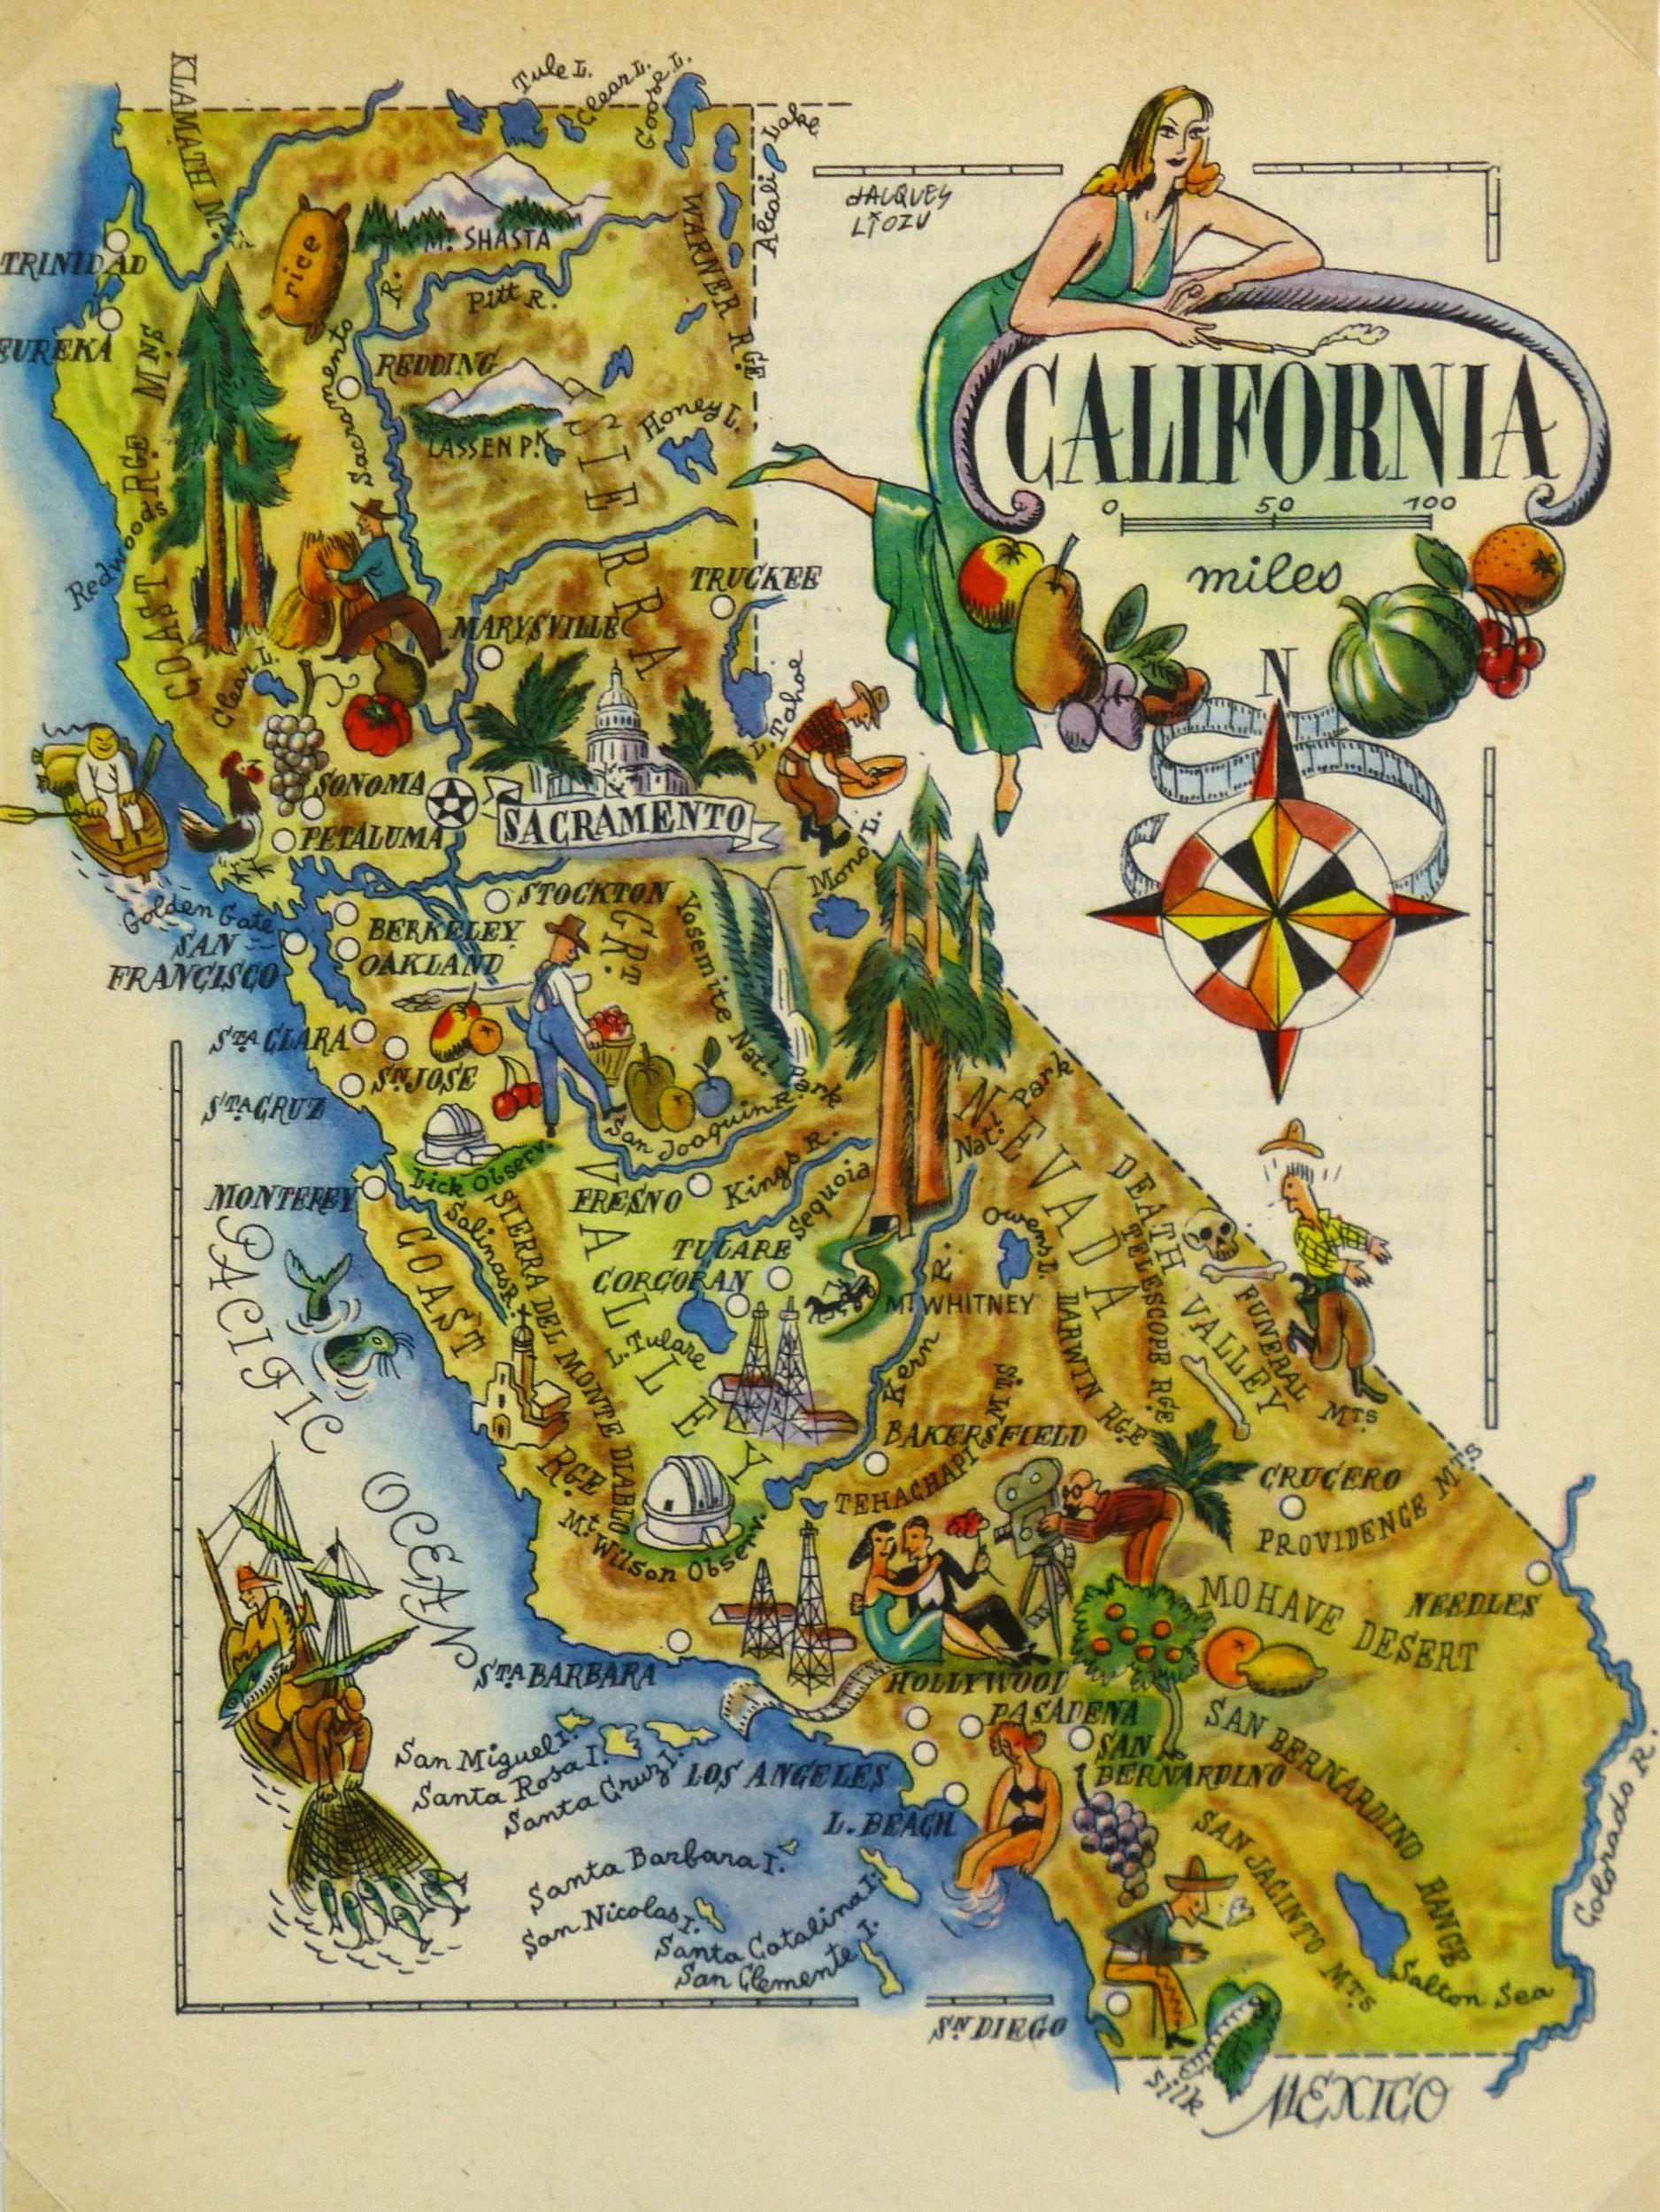 California Pictorial Map, 1946 - Antique Map Of California